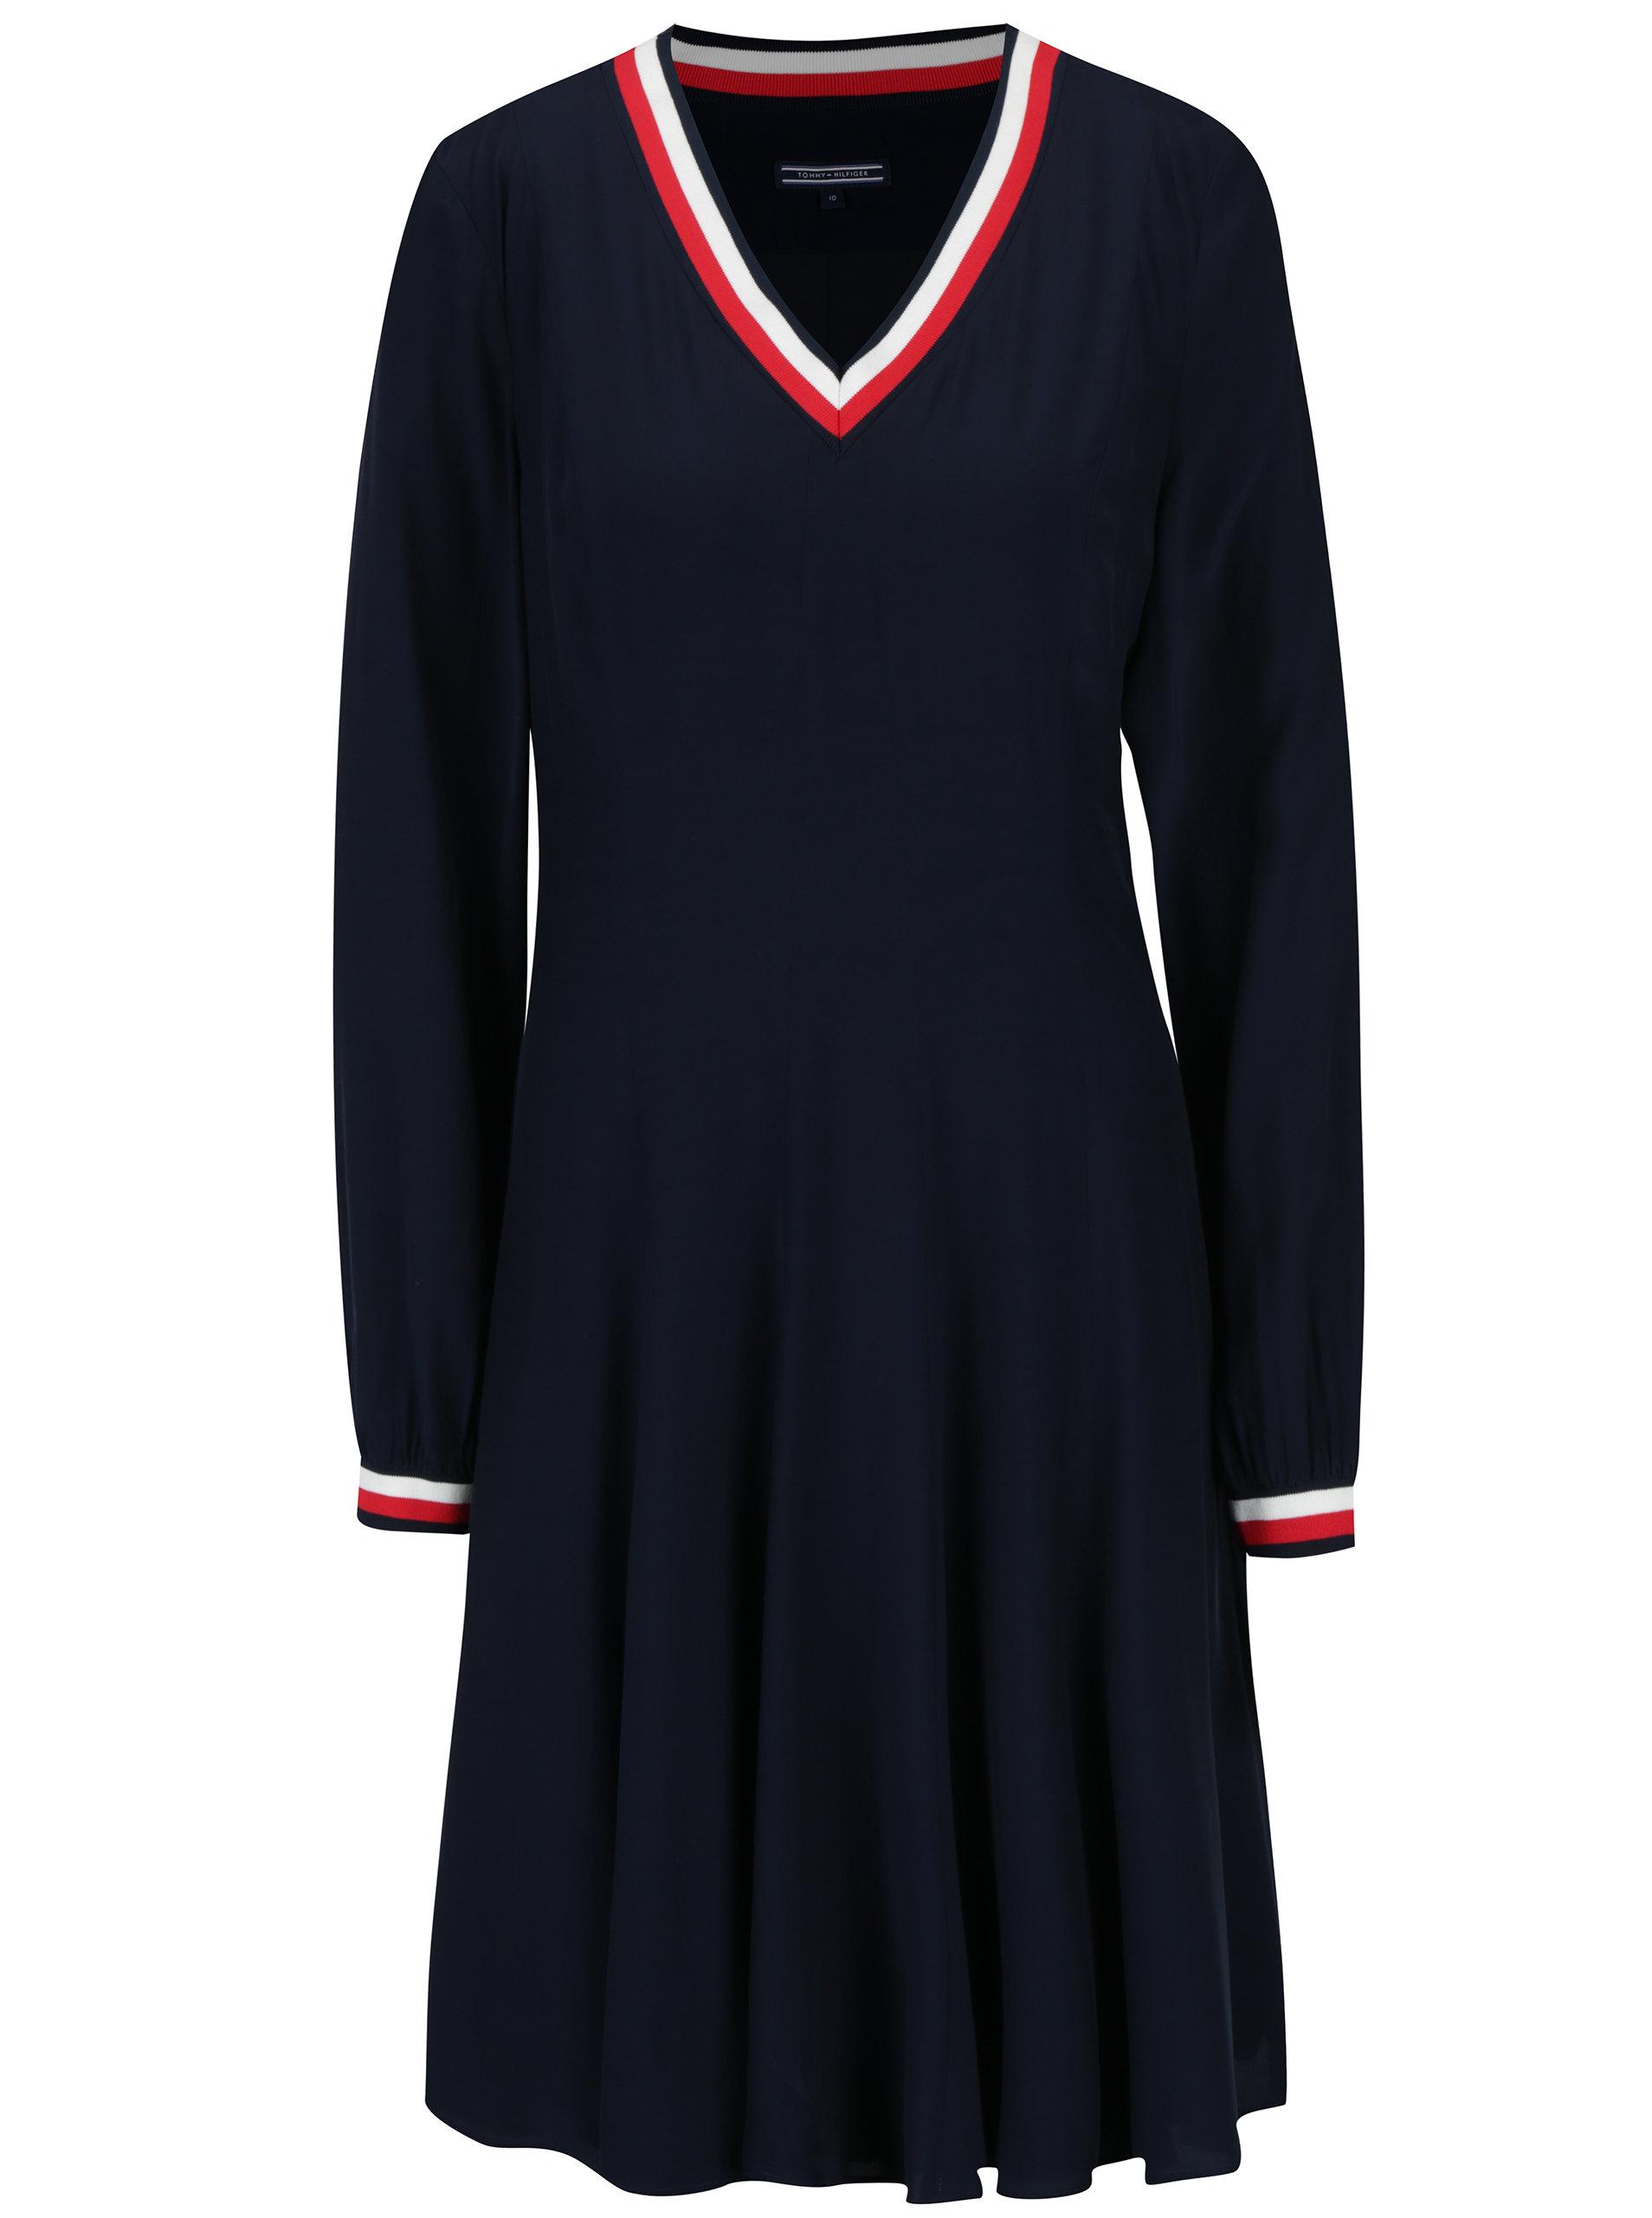 Tmavě modré šaty s dlouhým rukávem Tommy Hilfiger ... 09d3252666d